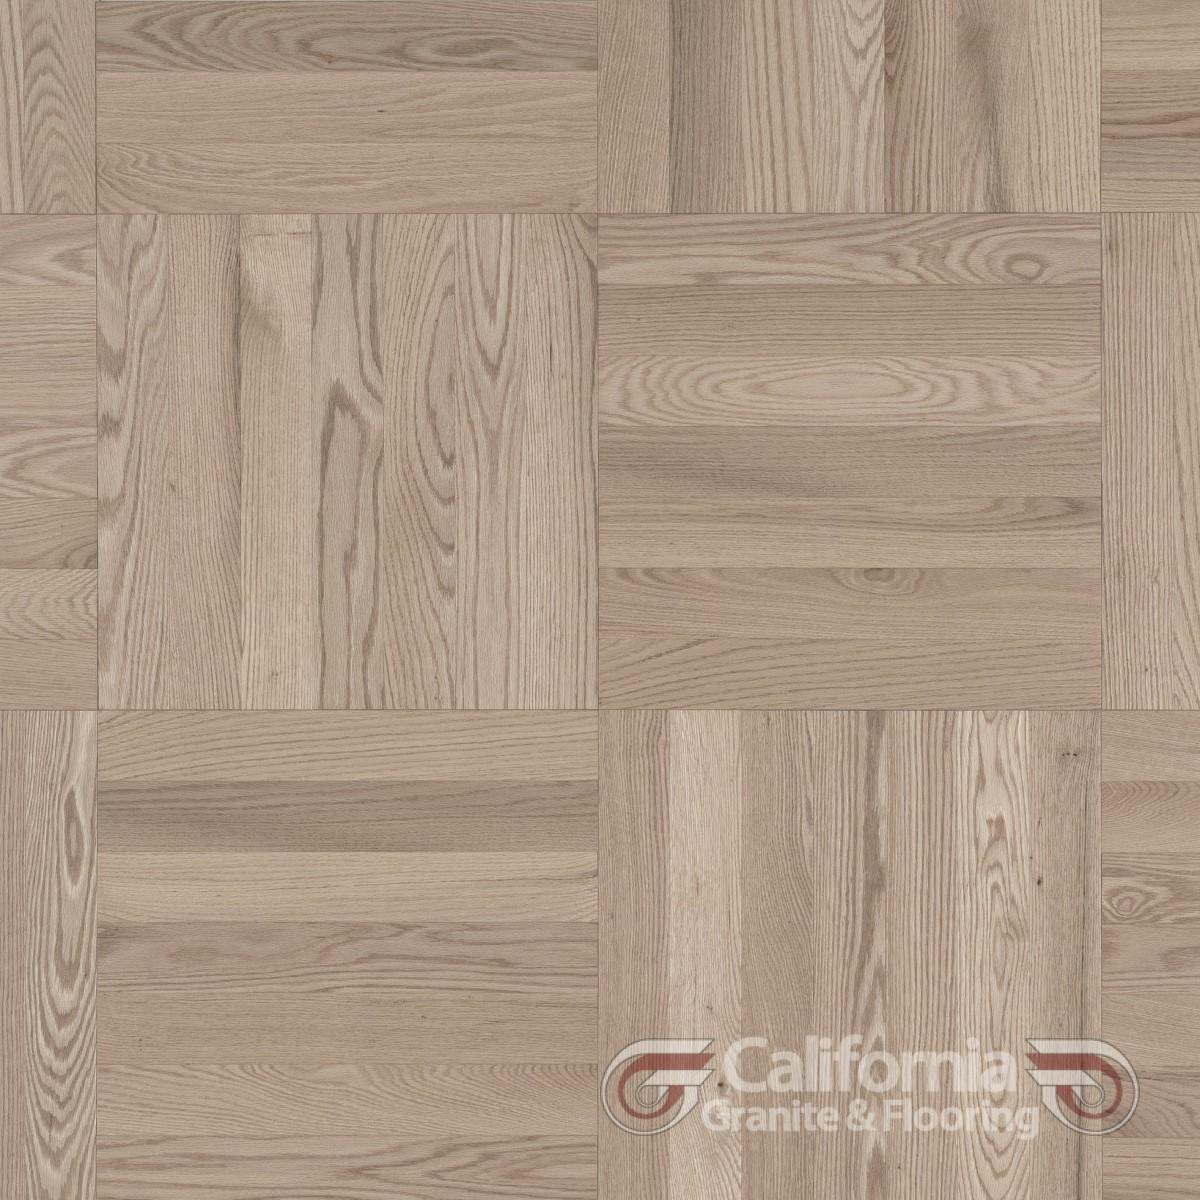 hardwood-flooring-red-oak-rio-exclusive-smooth-herringbone-2